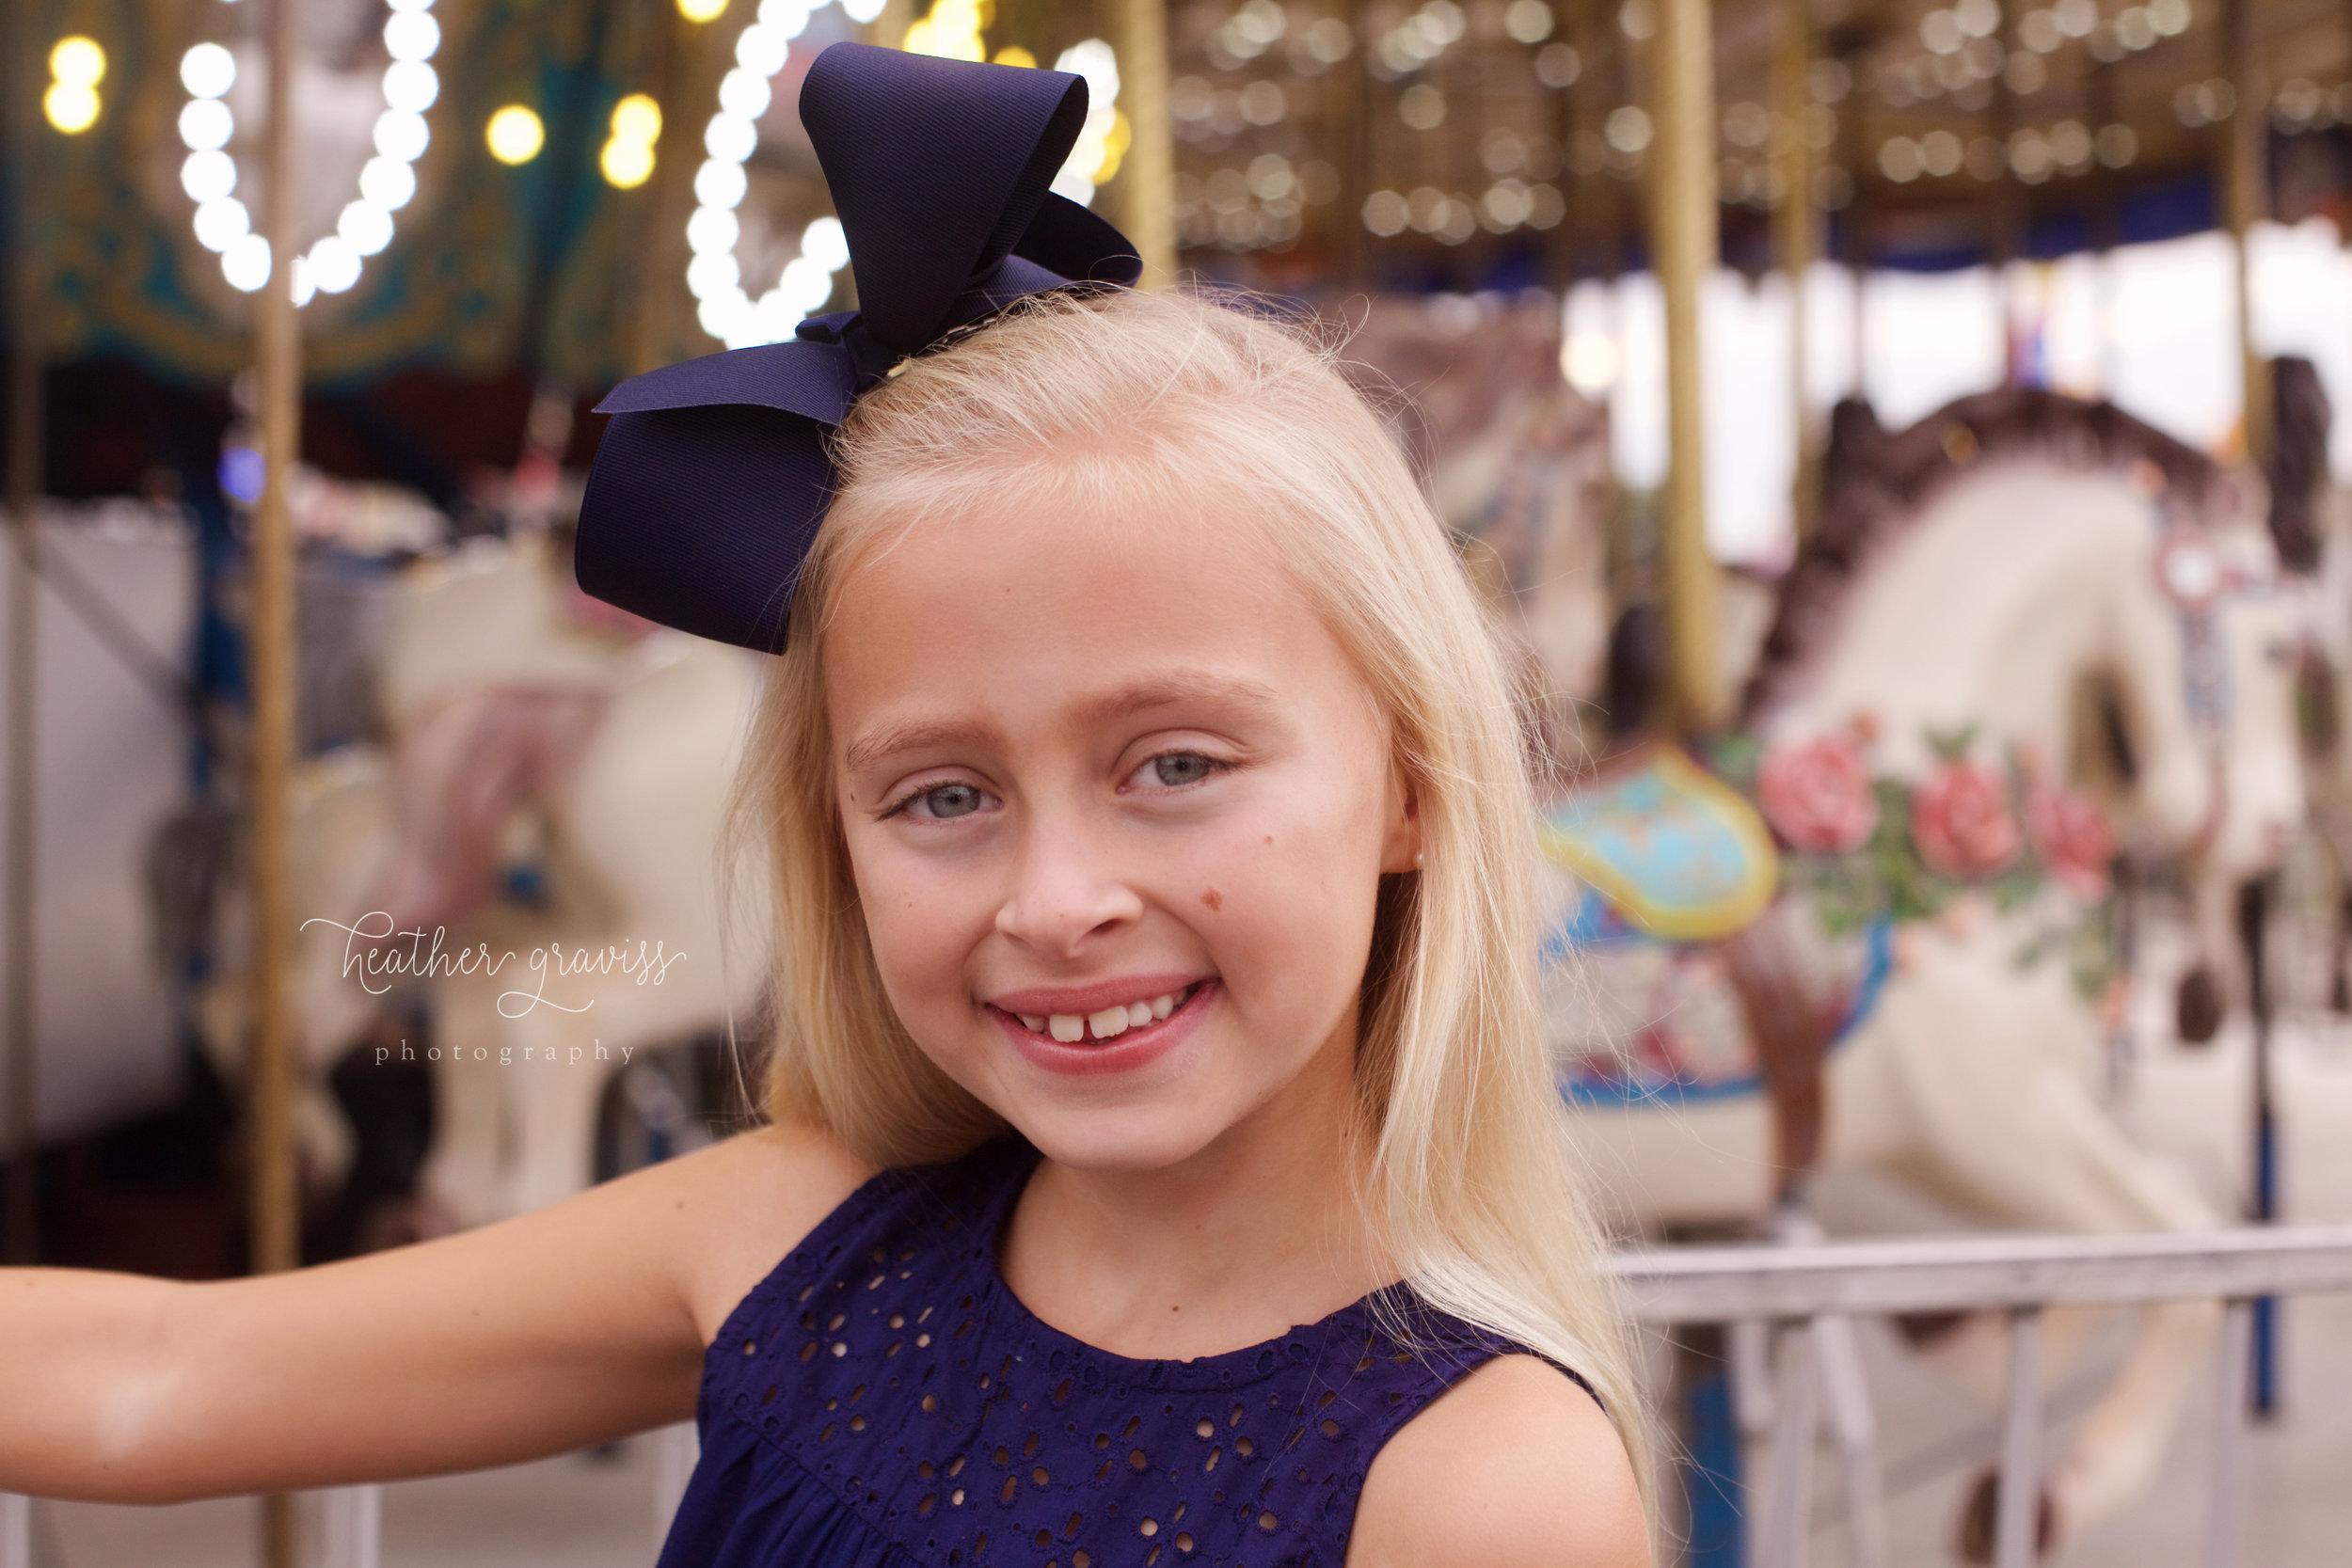 pretty-girl-at-the-fair.jpg